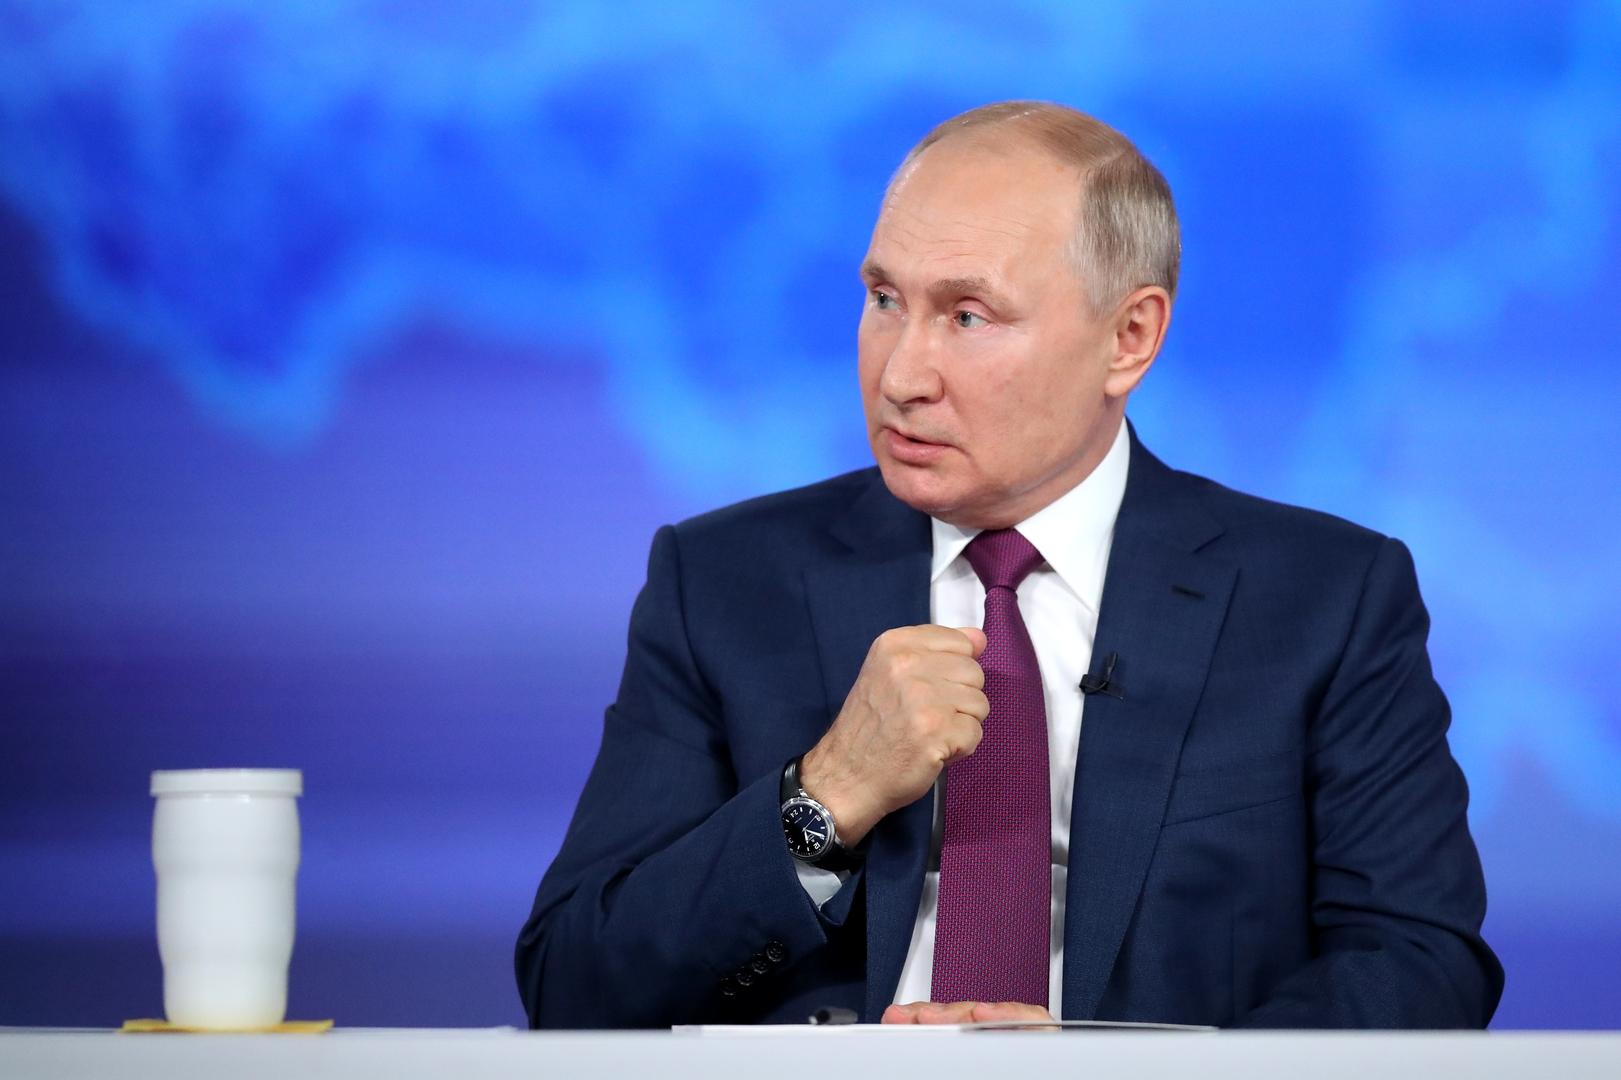 بوتين في رد شديد على عملية احتيال: هؤلاء مجرد حثالة